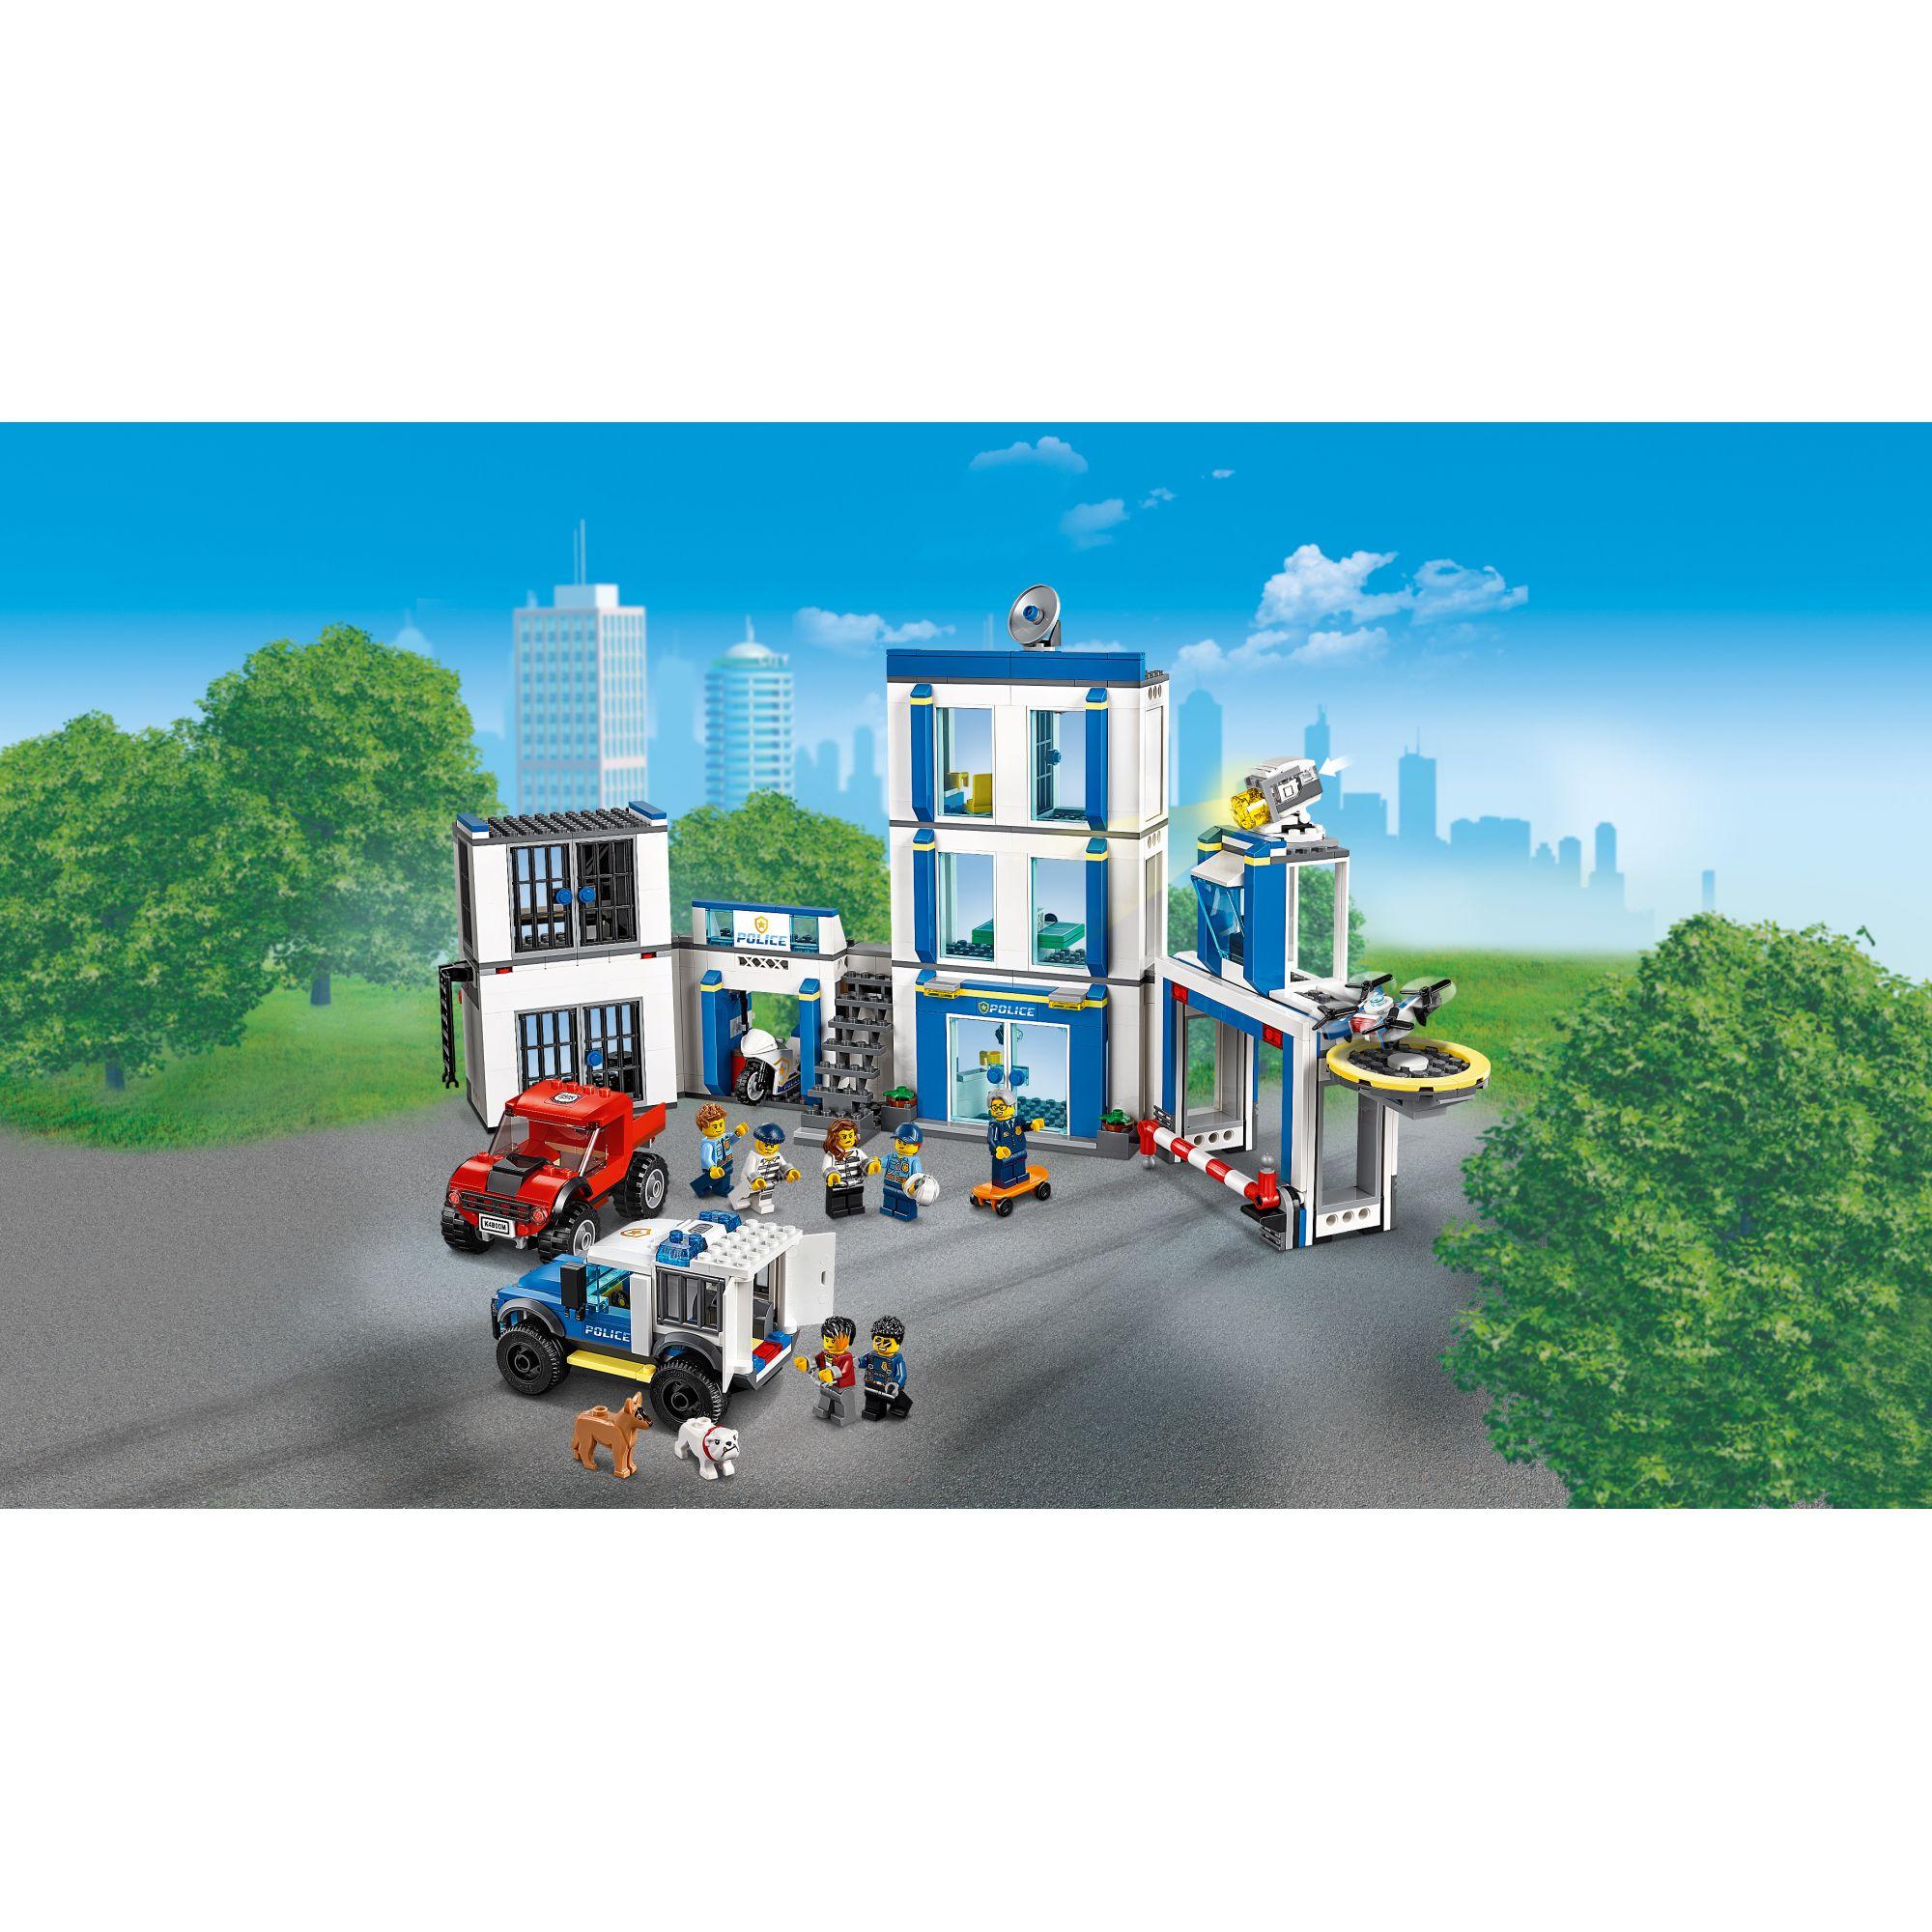 LEGO CITY   LEGO City Stazione di Polizia - 60246